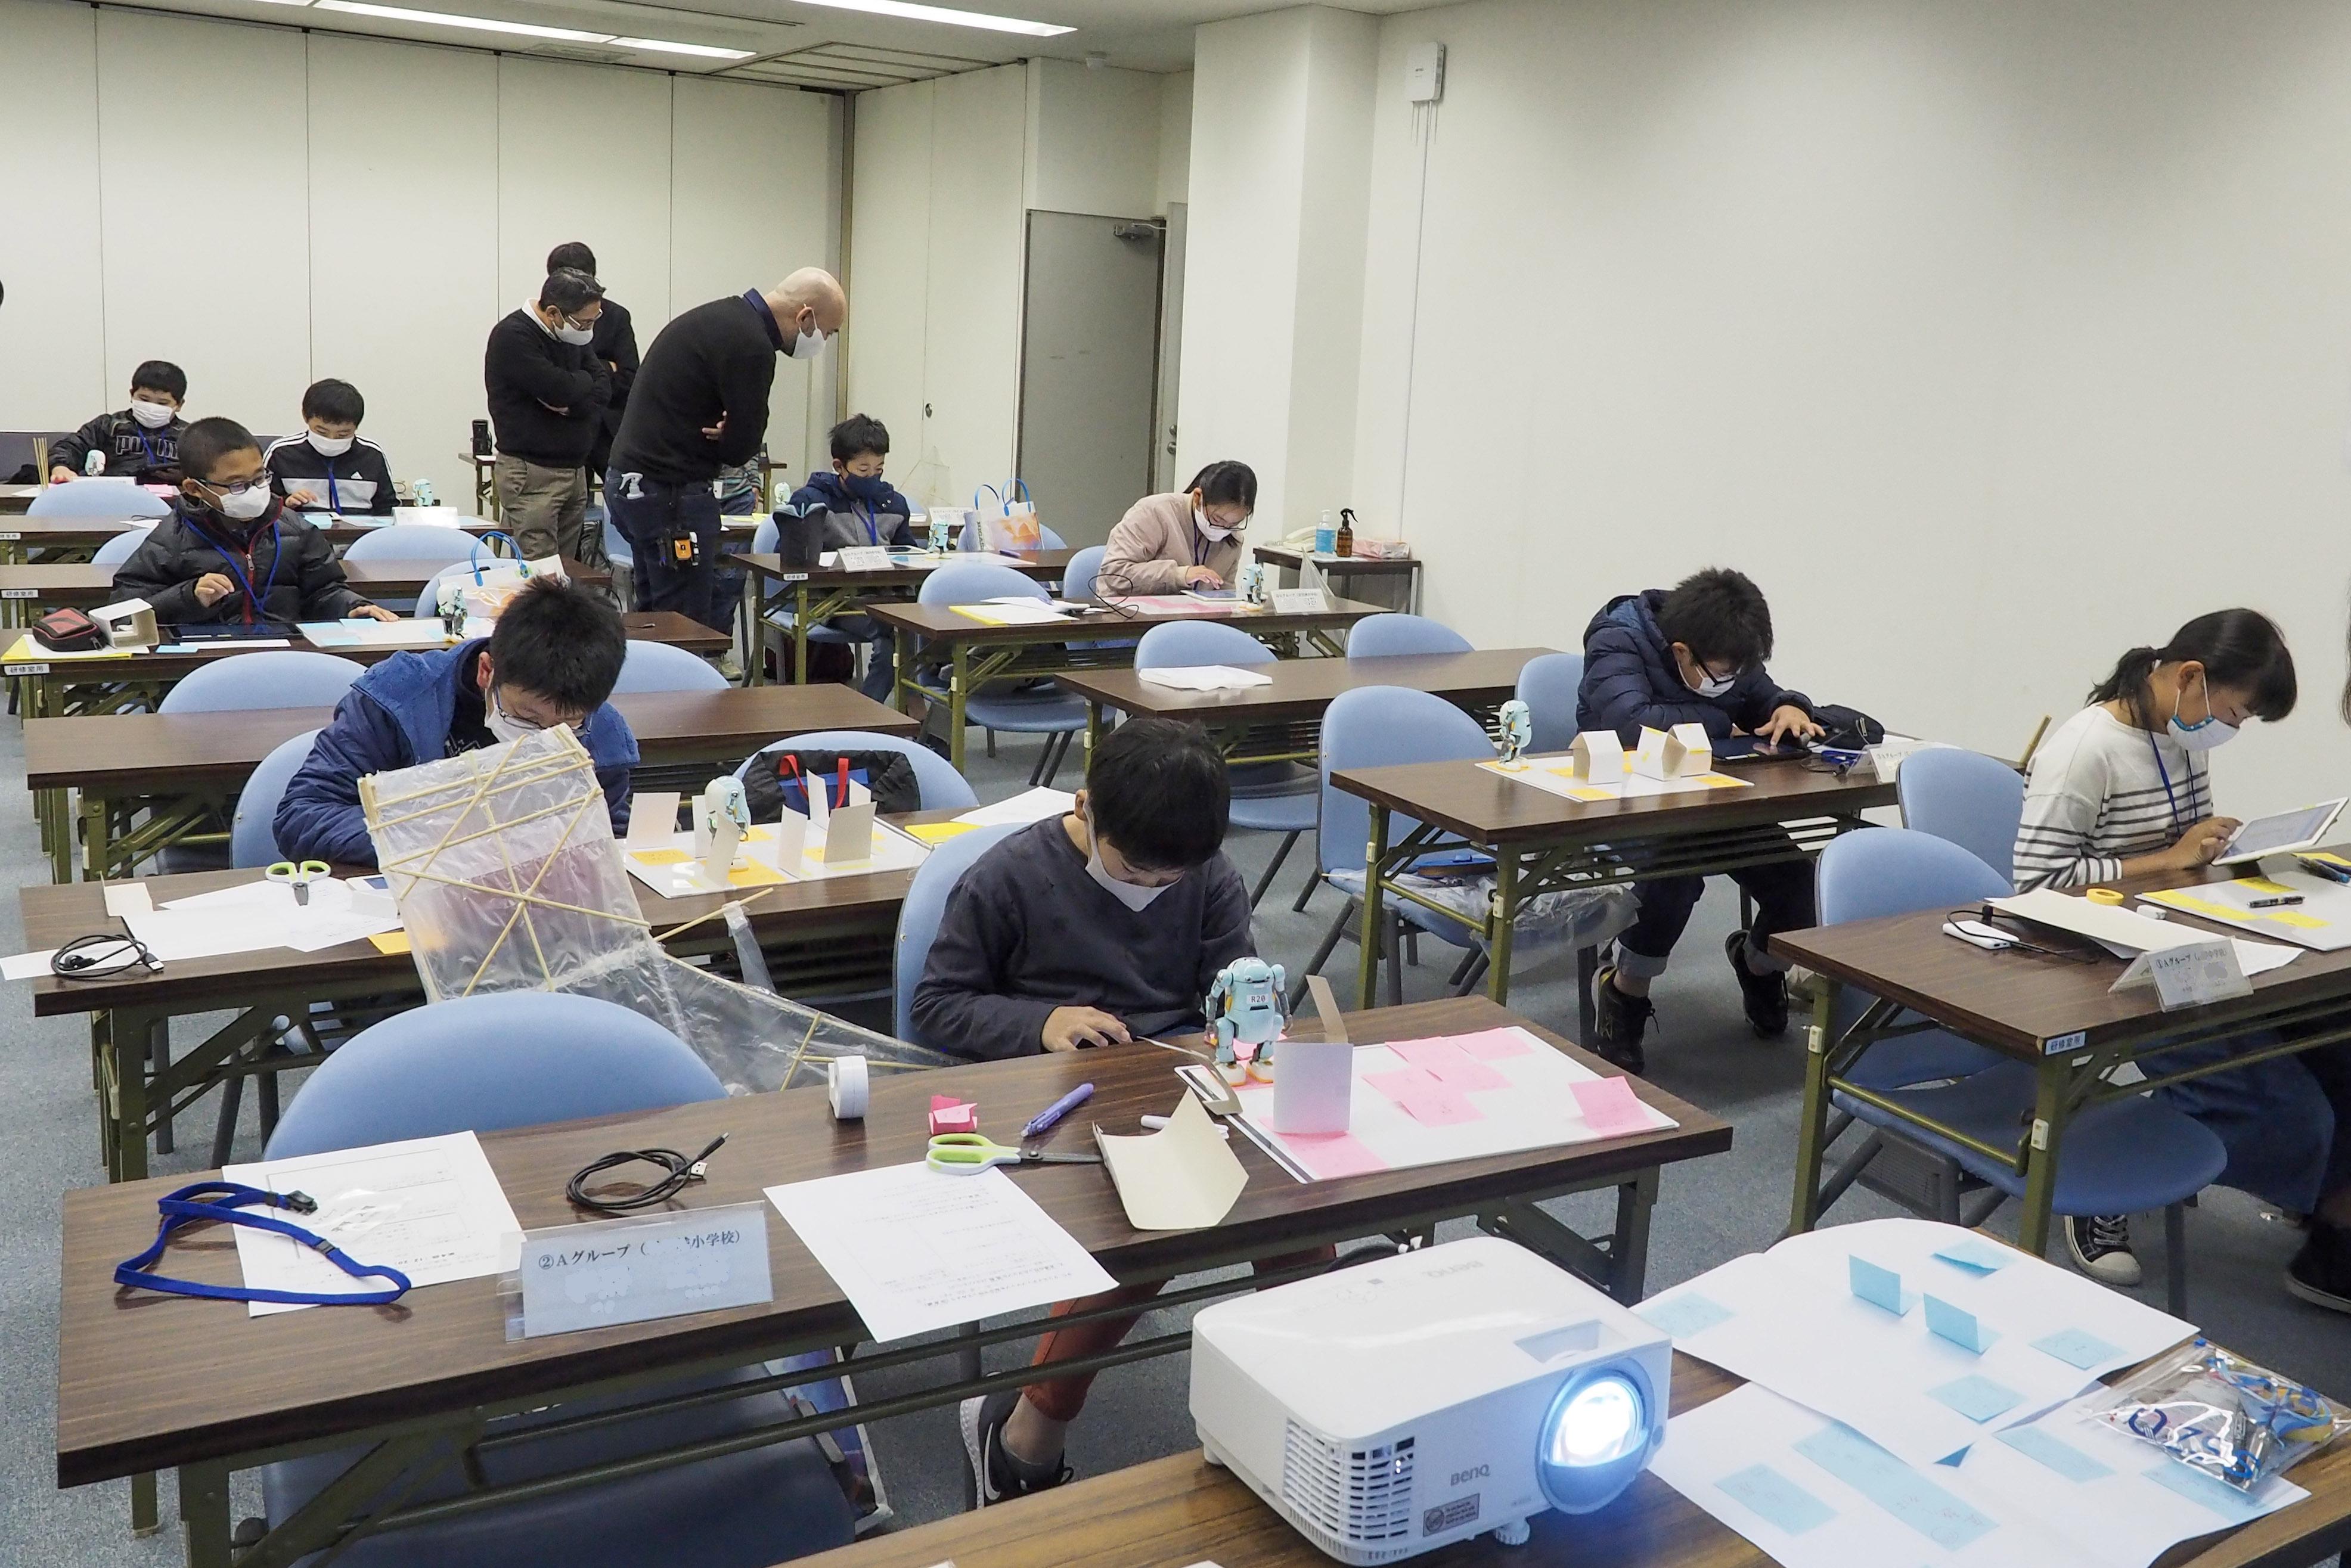 研修室の中で10人ほどの子ども達がタブレットを使ってロボットをマップの上で動かそうとしている。